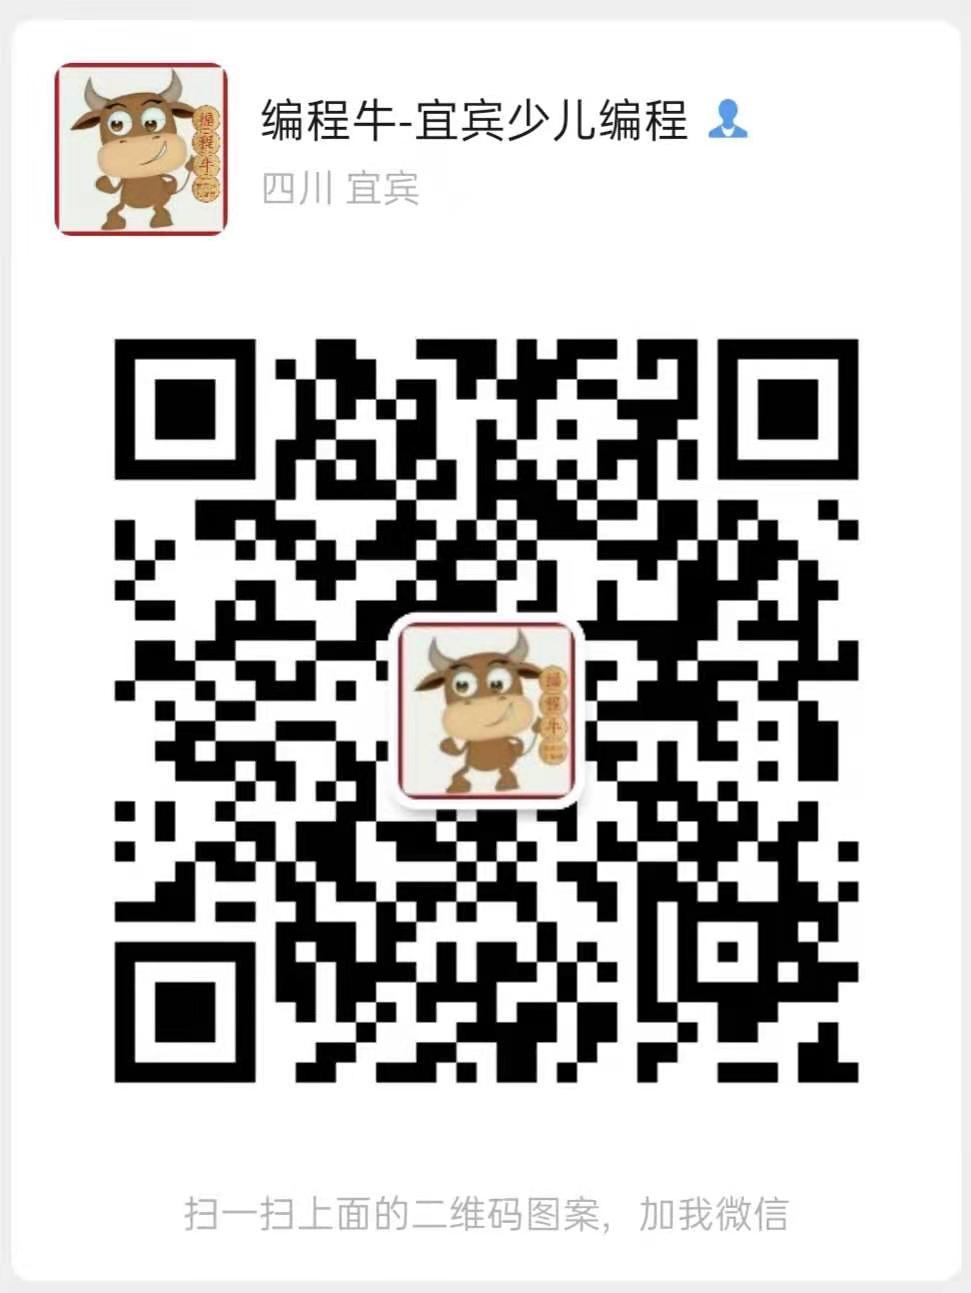 微信图片_20210213103244.jpg